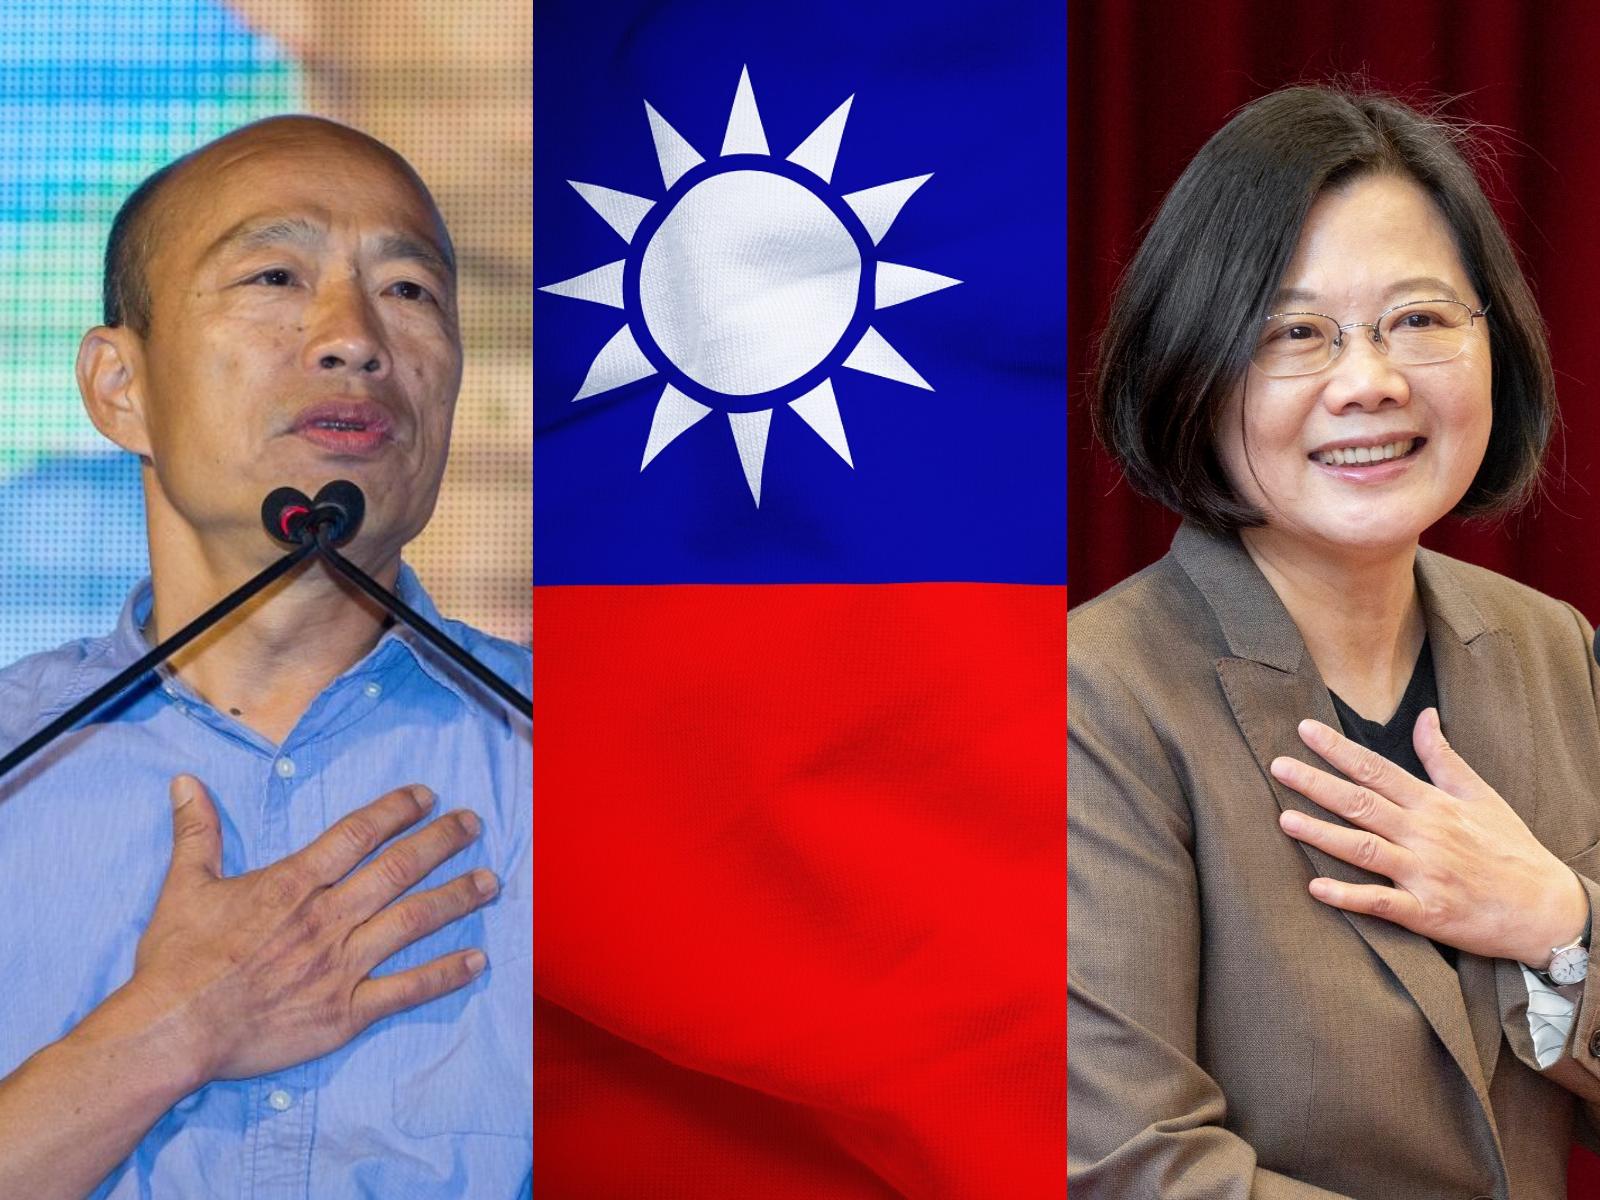 看到香港狀況,我們沒有權利悲觀...呂秋遠:一個多月後,或許台灣自己會親手扼殺民主制度